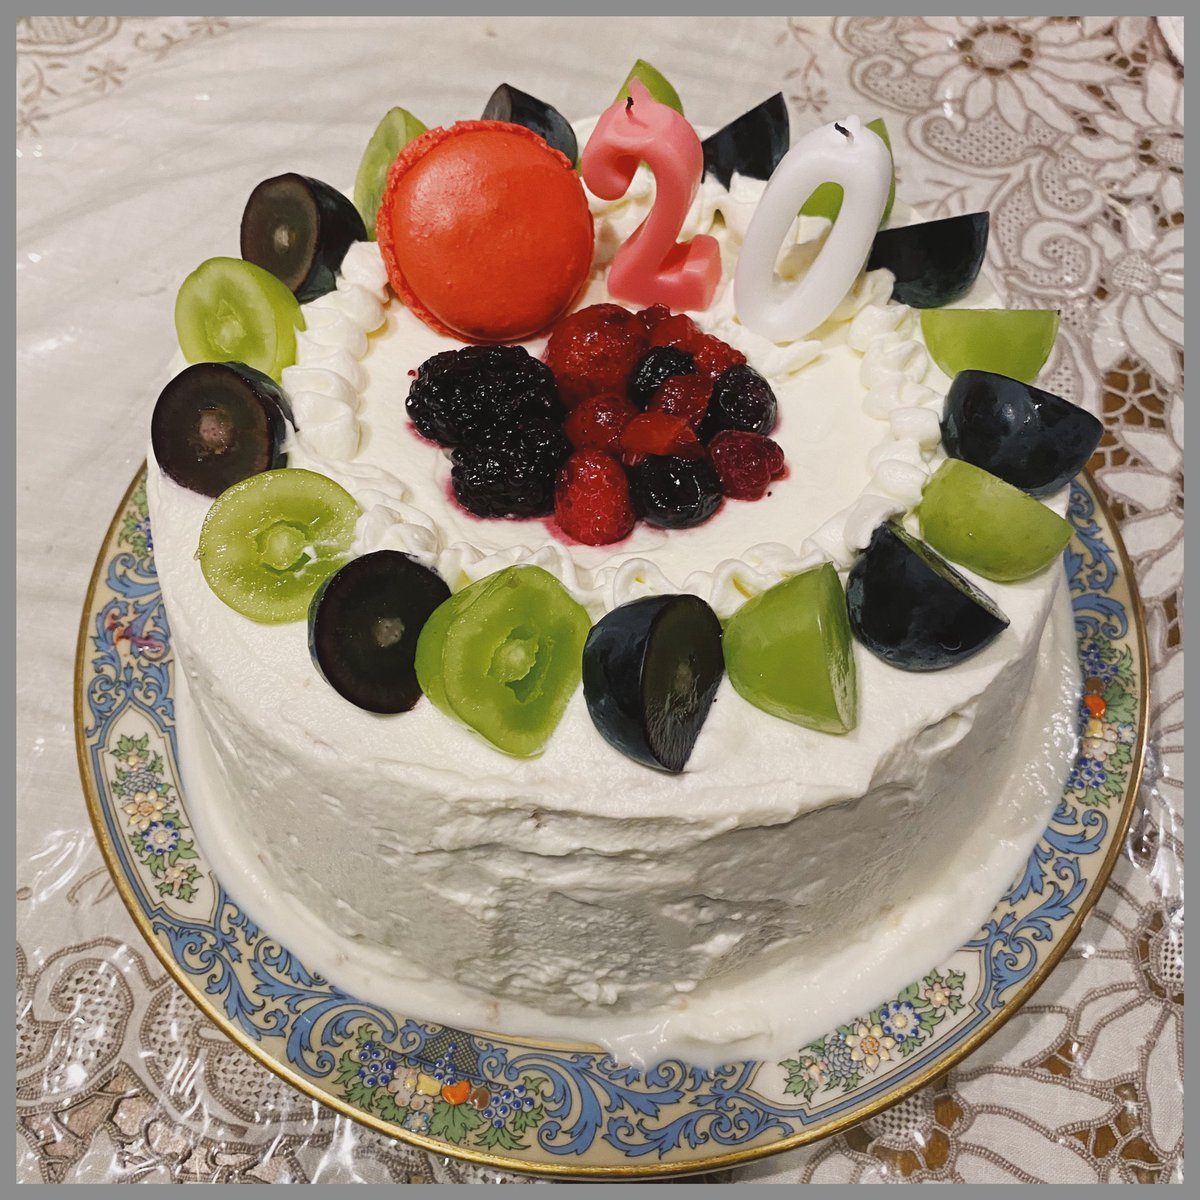 皆さんたくさんのお祝いありがとうございます!20歳になりました。💃🏻これからも大好きな音楽と精一杯向き合いながら皆さんの日常に寄り添える歌を届けていきたいです。あとあと素敵なウーマンになります!(宣言)母のお手製ケーキです。うましっ!